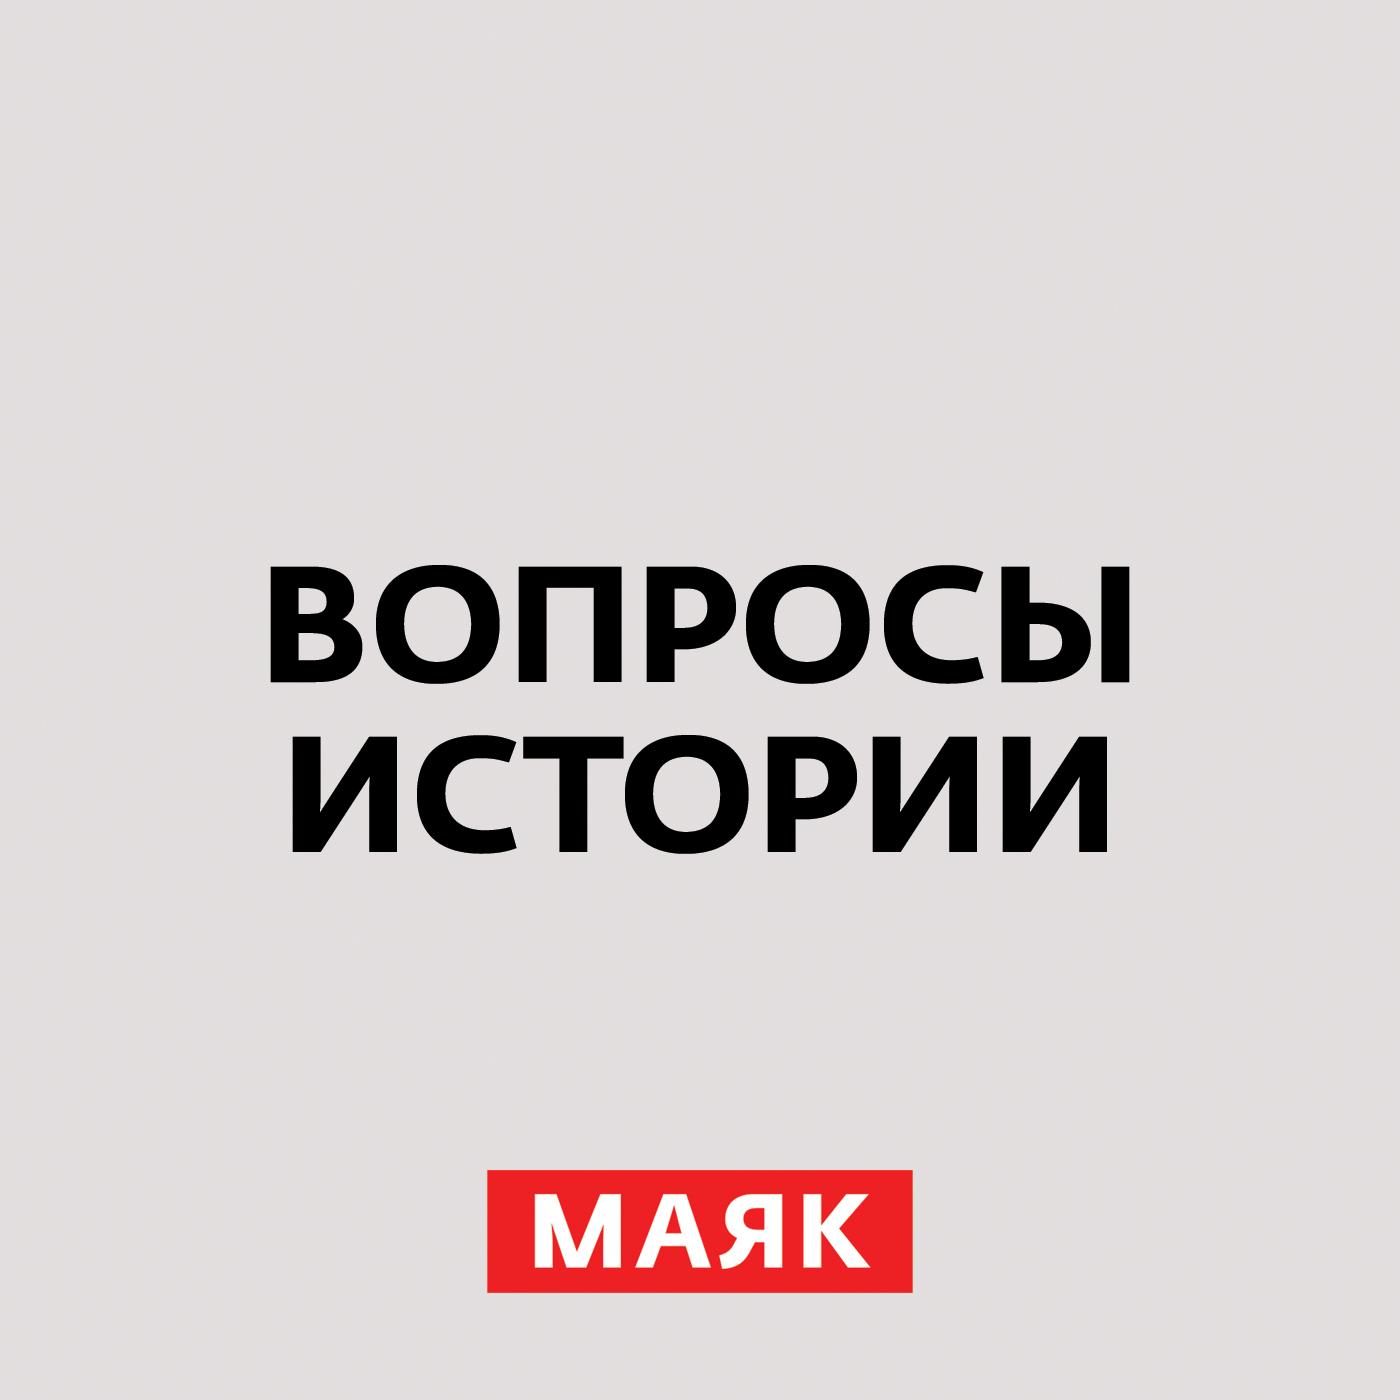 Андрей Светенко Хеллоуин – универсальная традиция андрей светенко балканы – пороховая бочка европы